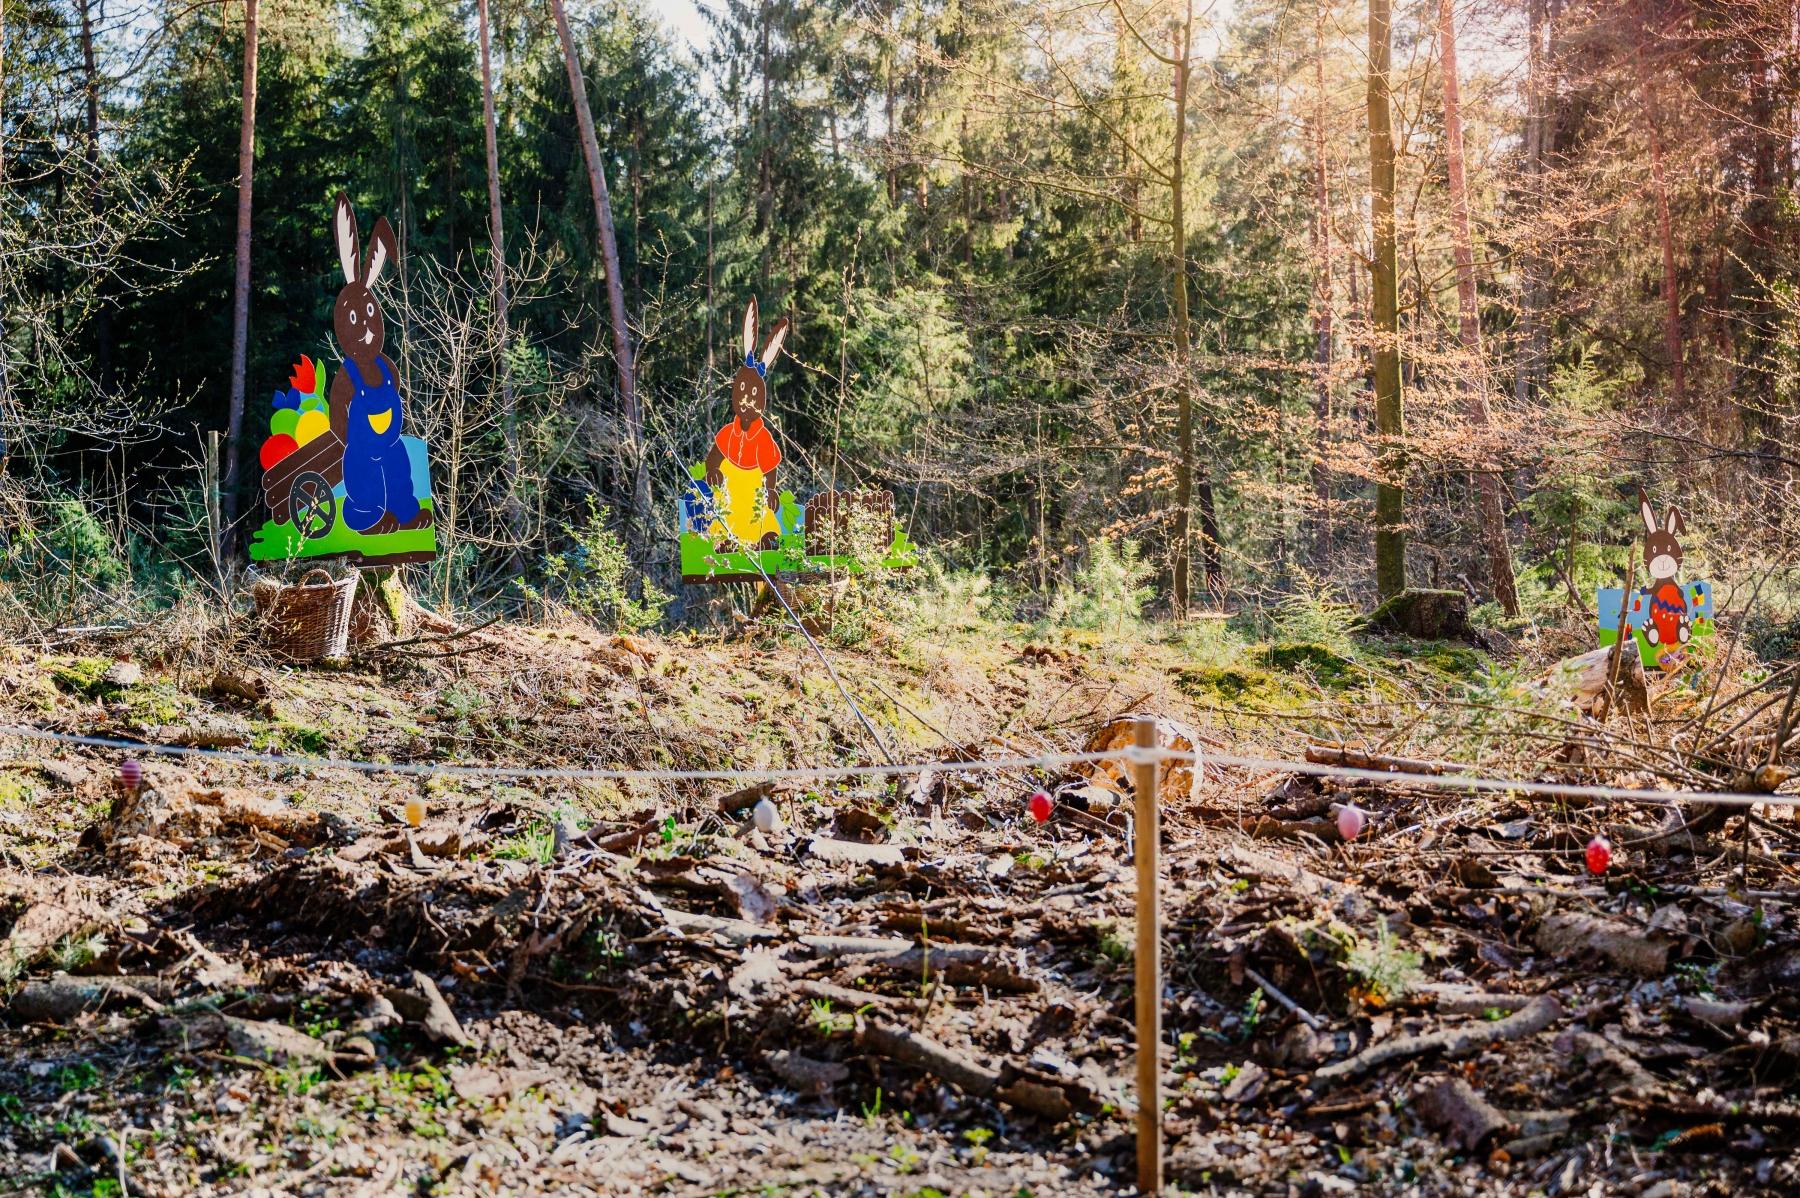 Bei der Oster-Challenge des Laufspass SW Sende besteht die Aufgabe darin, die im Holter Wald versteckte Osterhasen-Familie zu finden und ein Selfie zu machen +++ Foto: Besim Mazhiqi